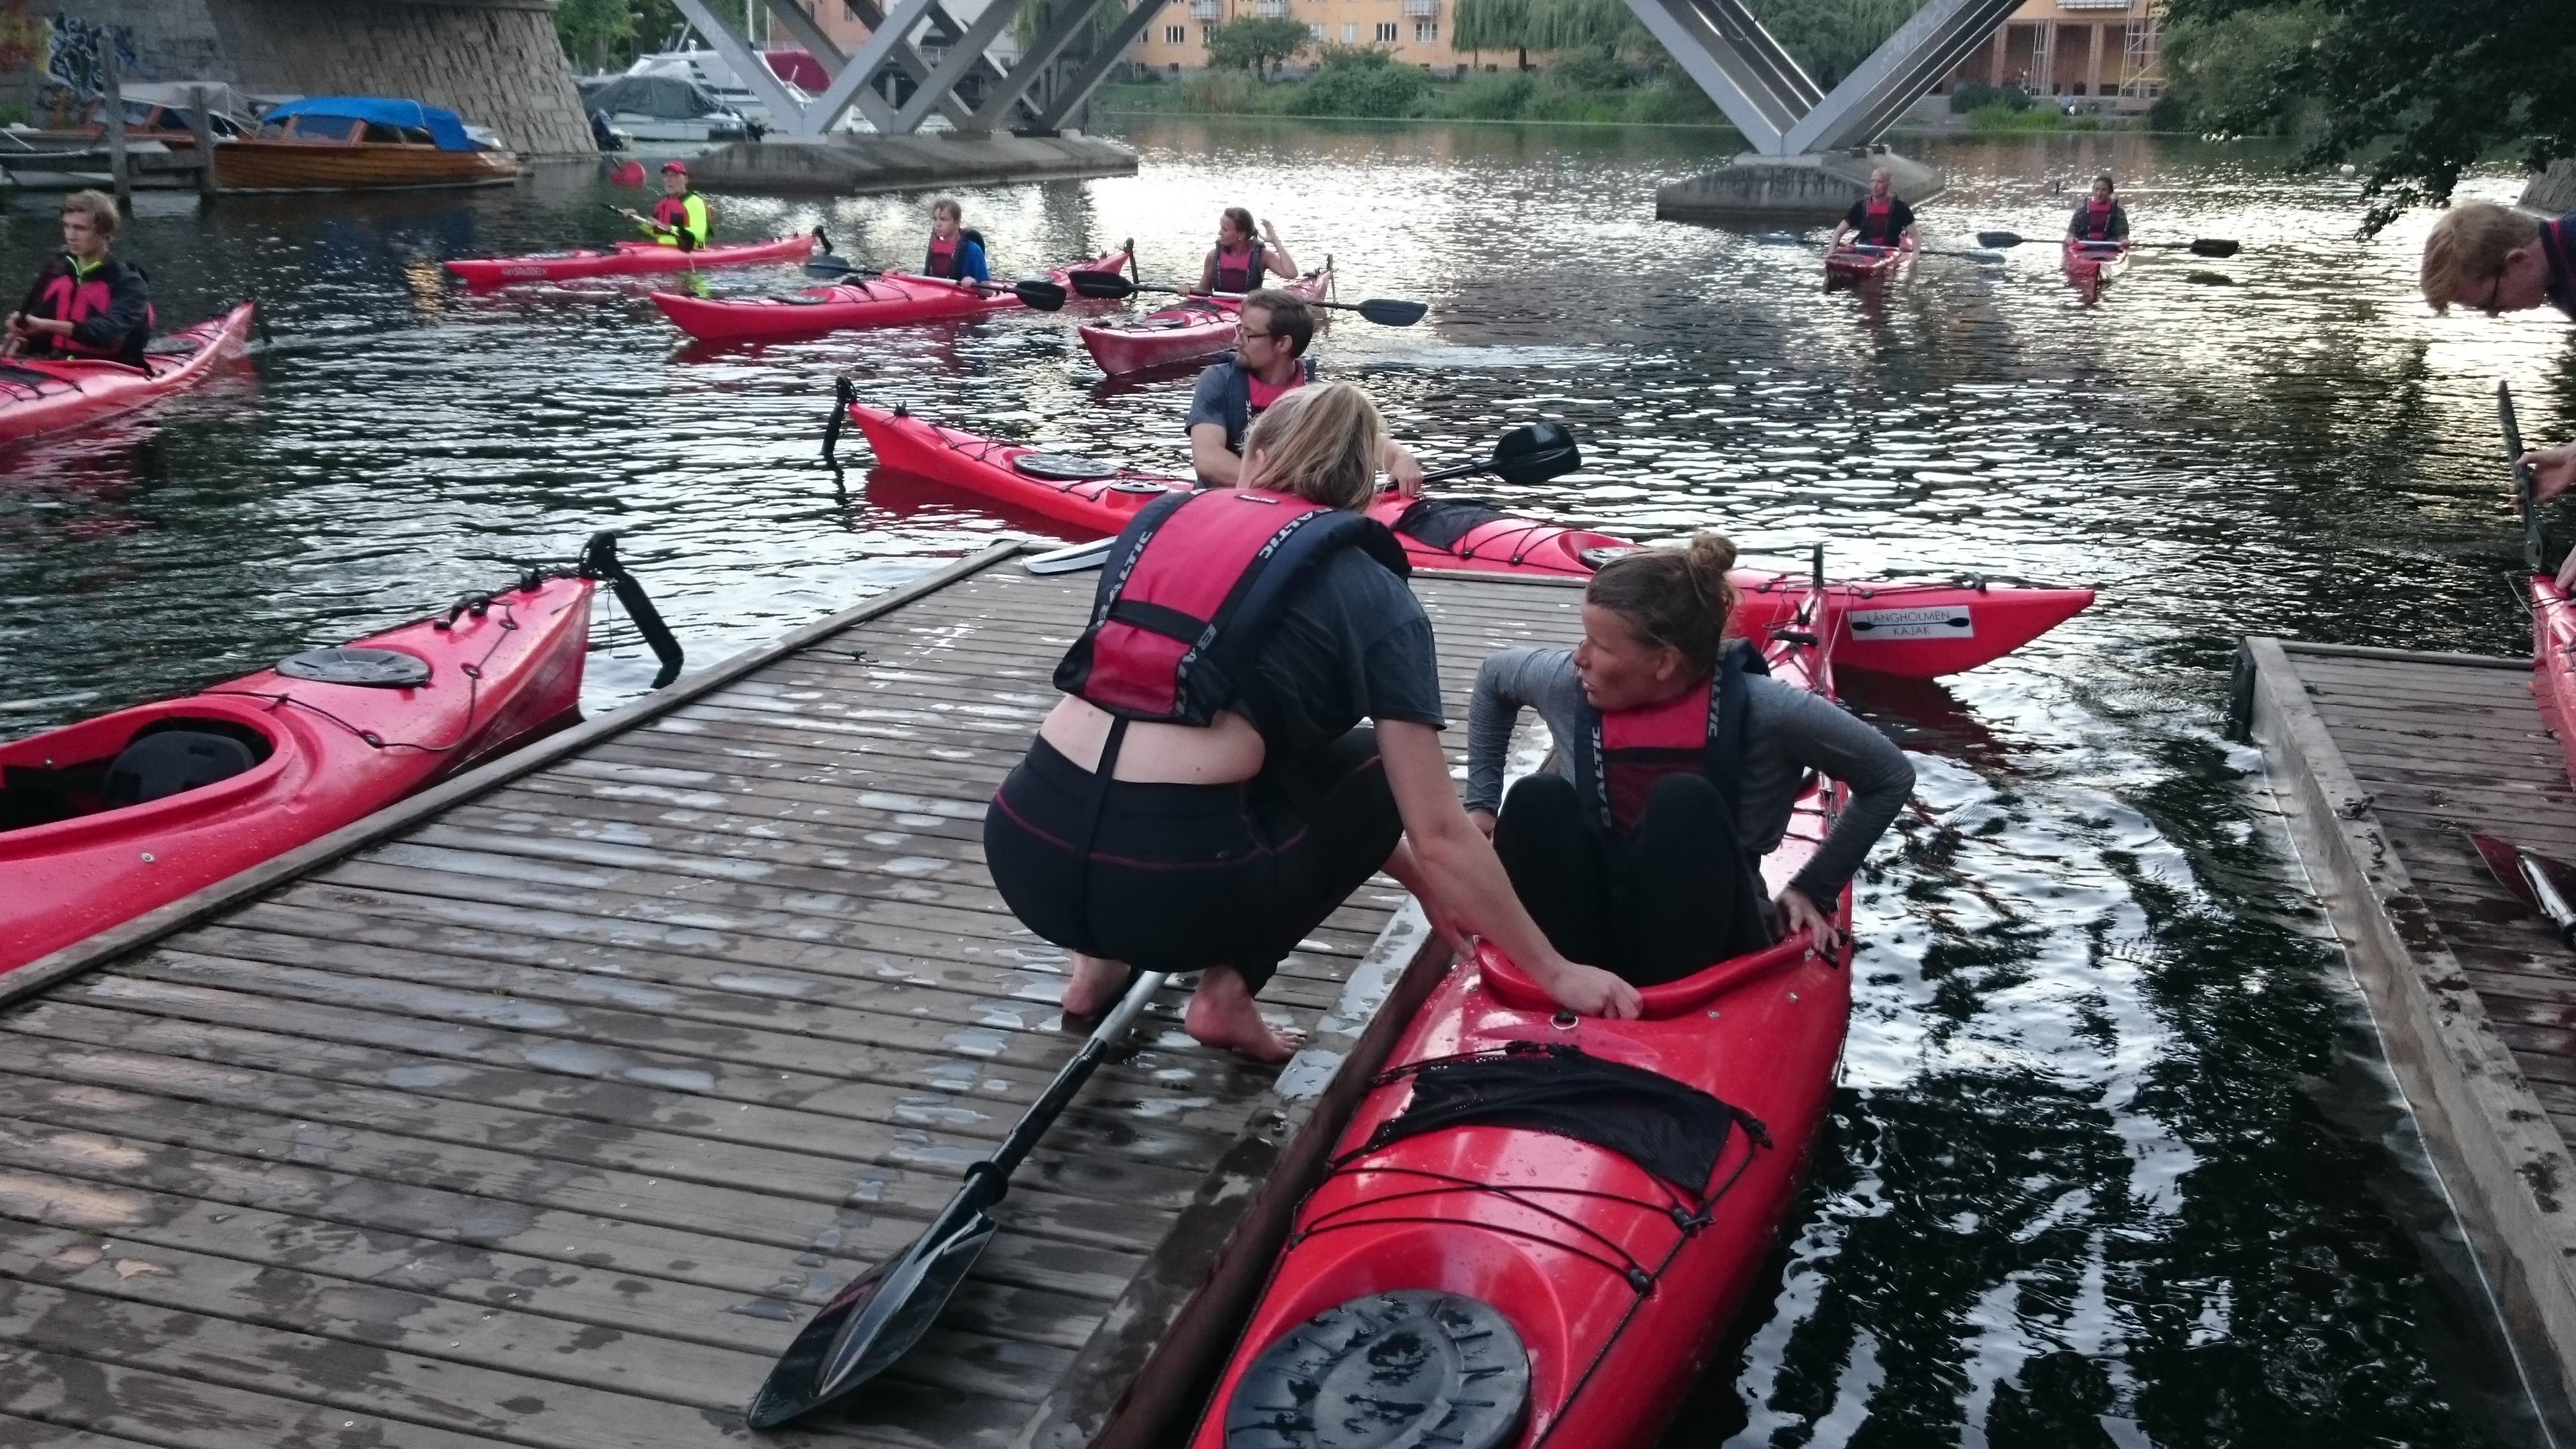 Efter två timmars kurs inklusive paddling runt Långholmen är gruppen tillbaka vid bryggan.